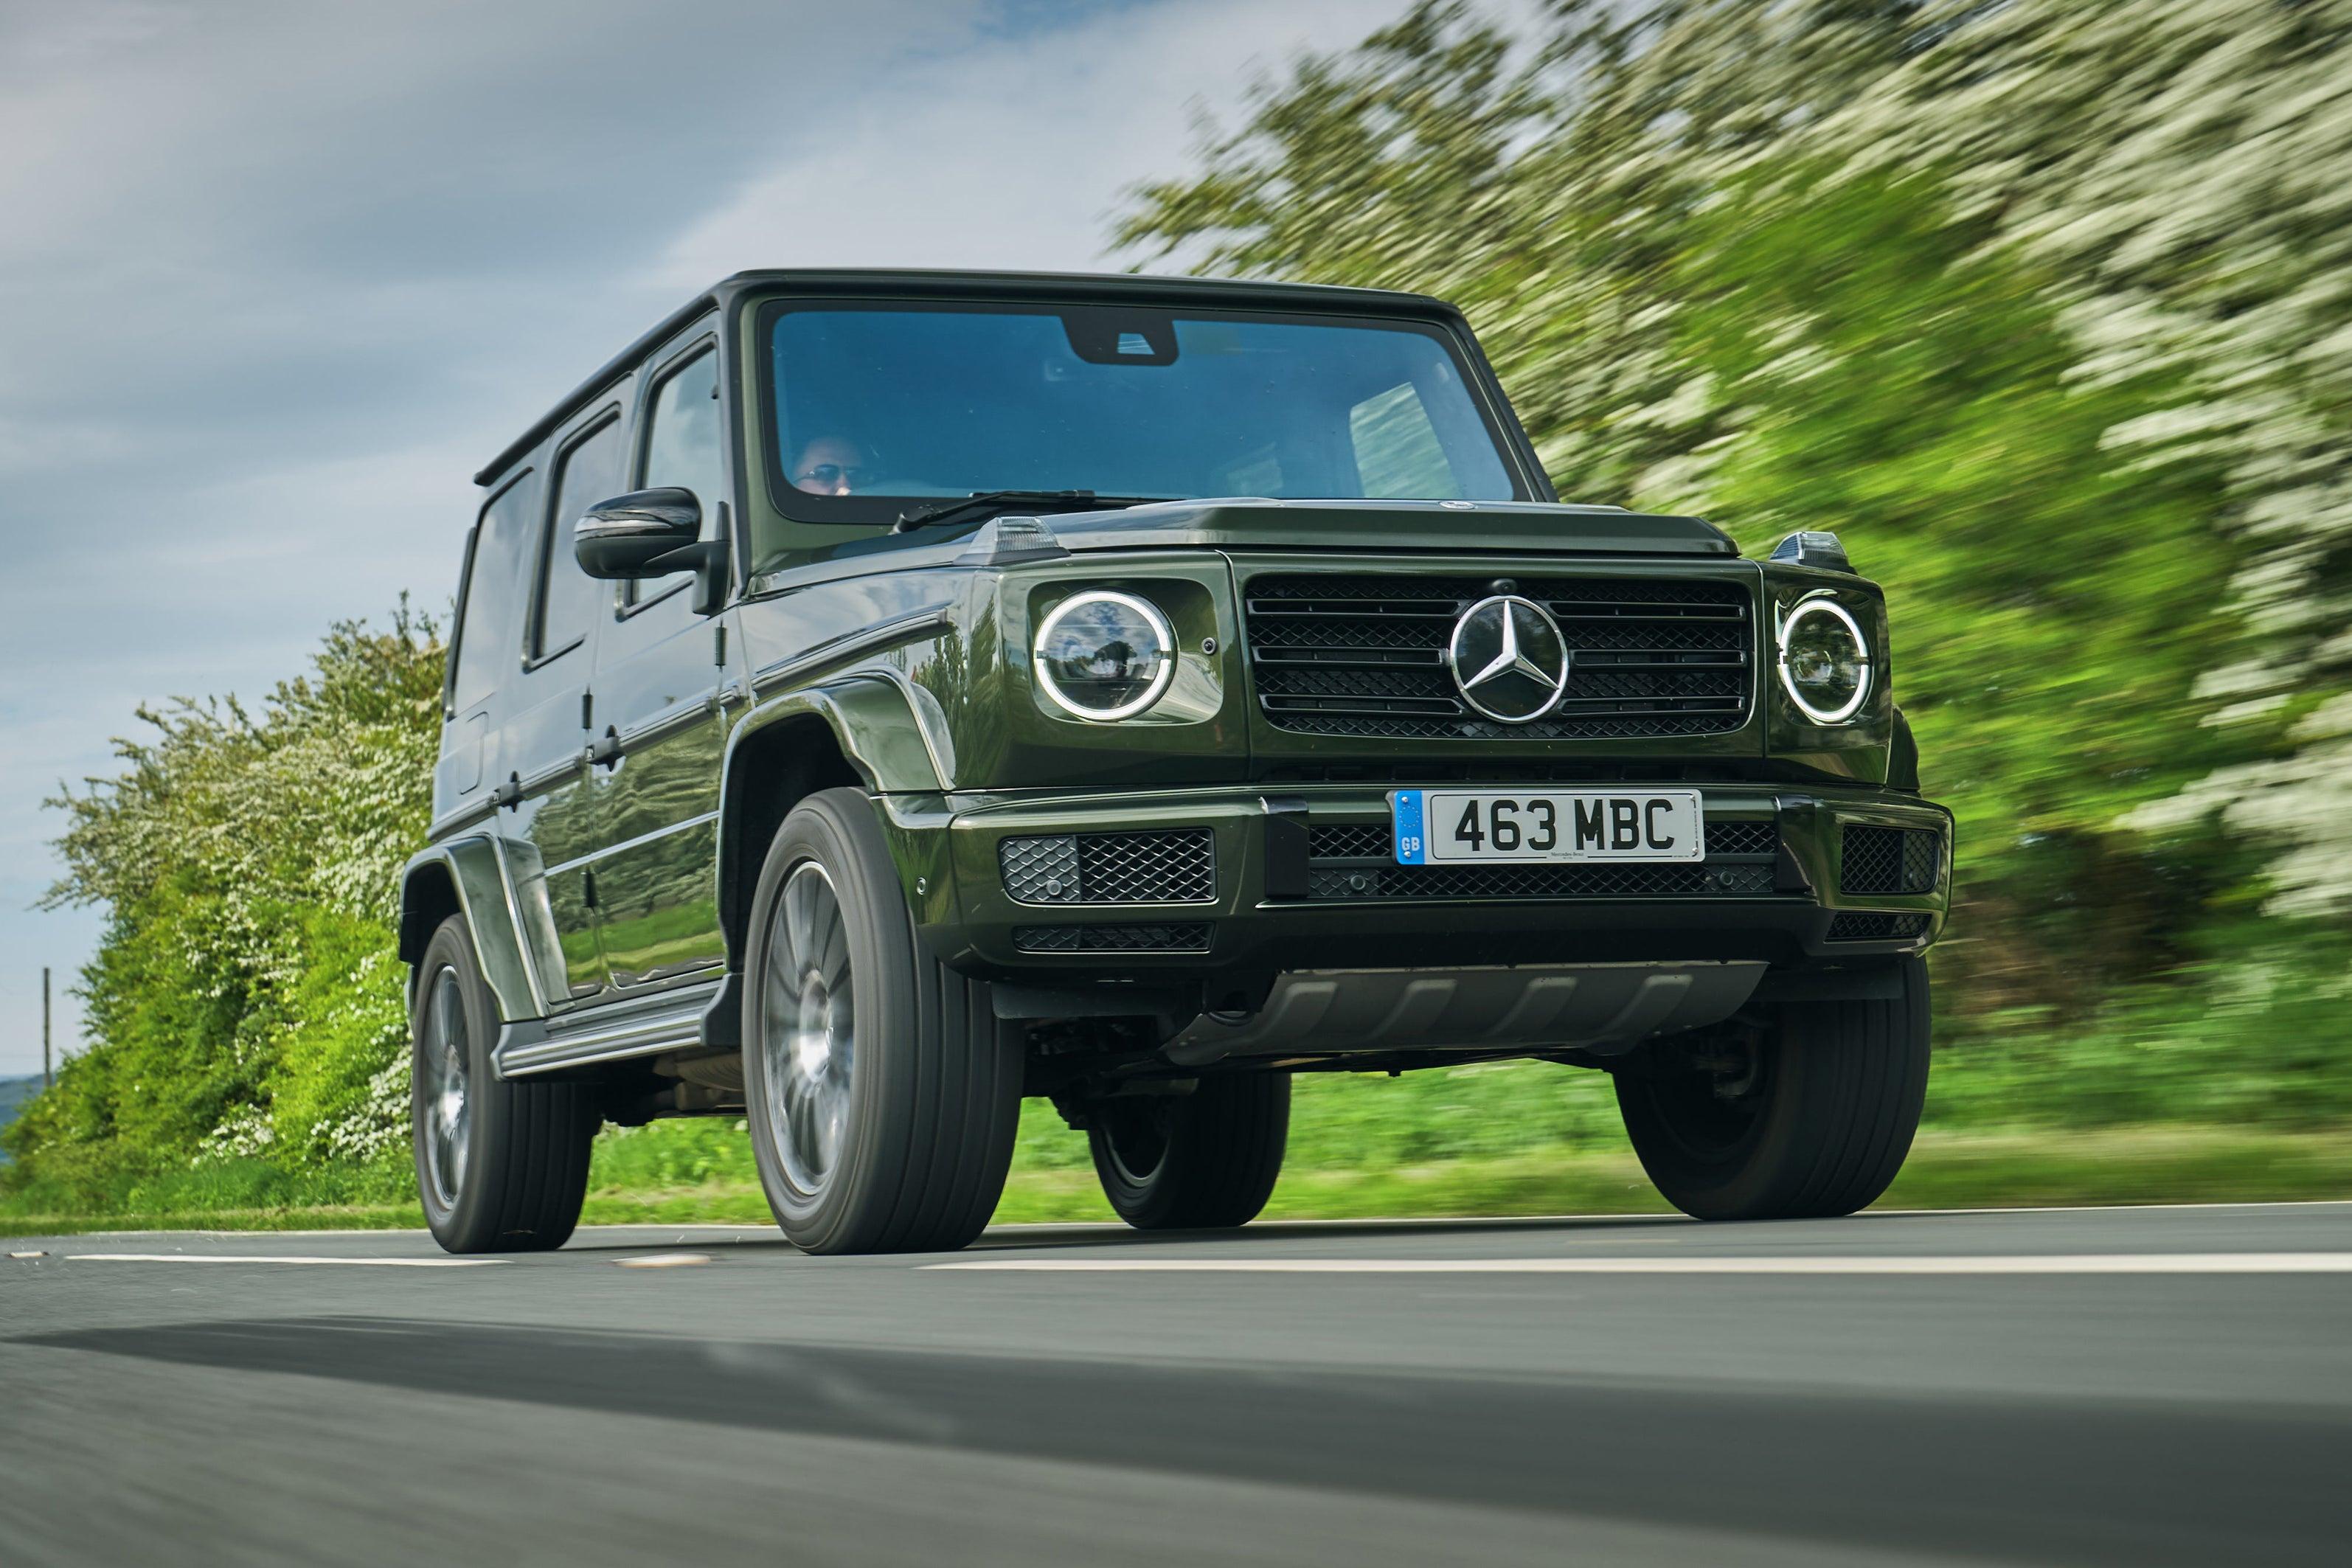 Mercedes G-Class frontright exterior